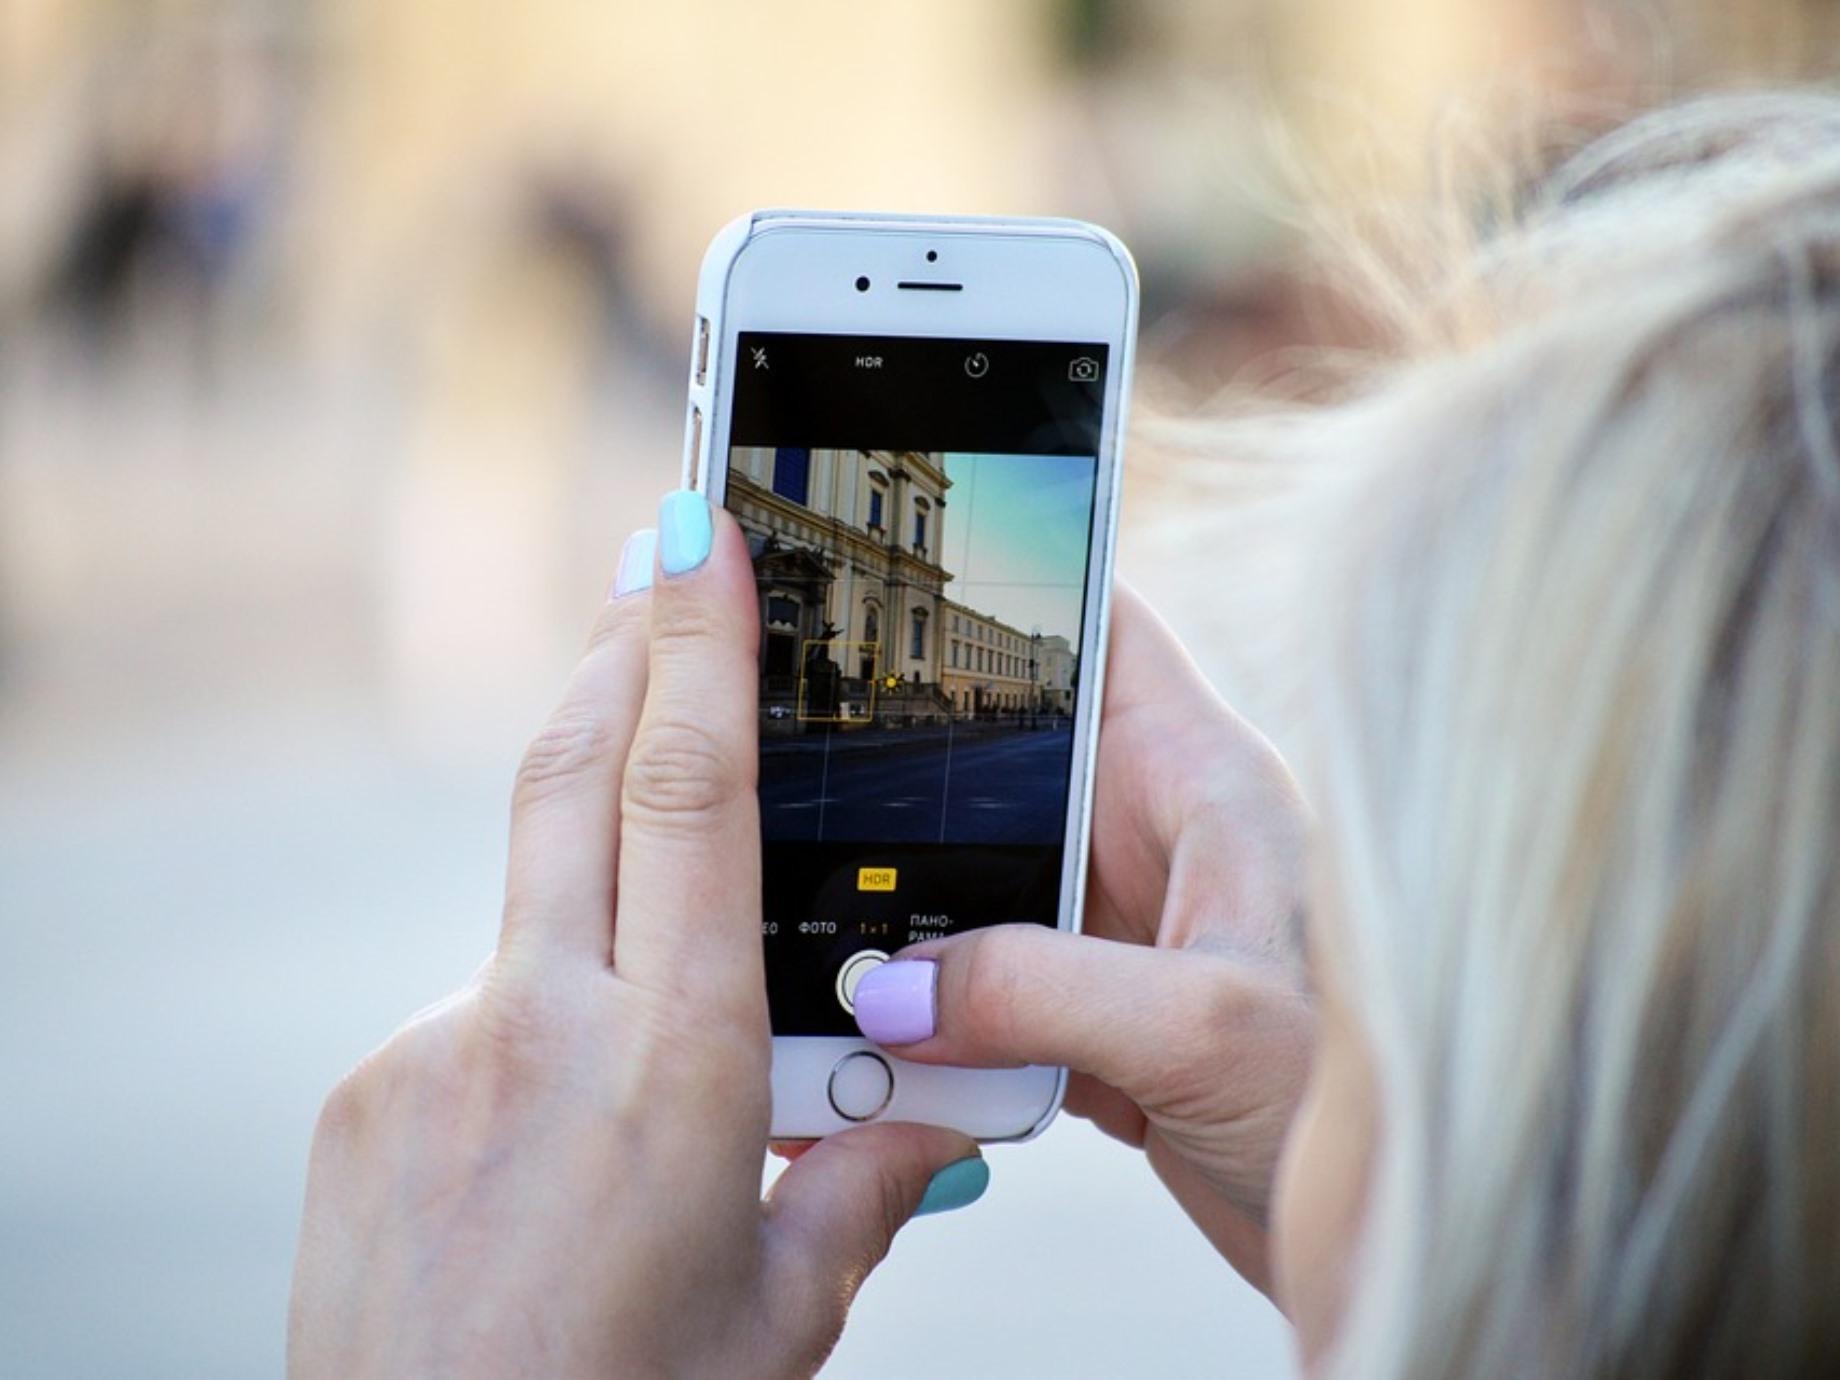 發揮網紅影響力!3步驟打造Instagram火紅品牌